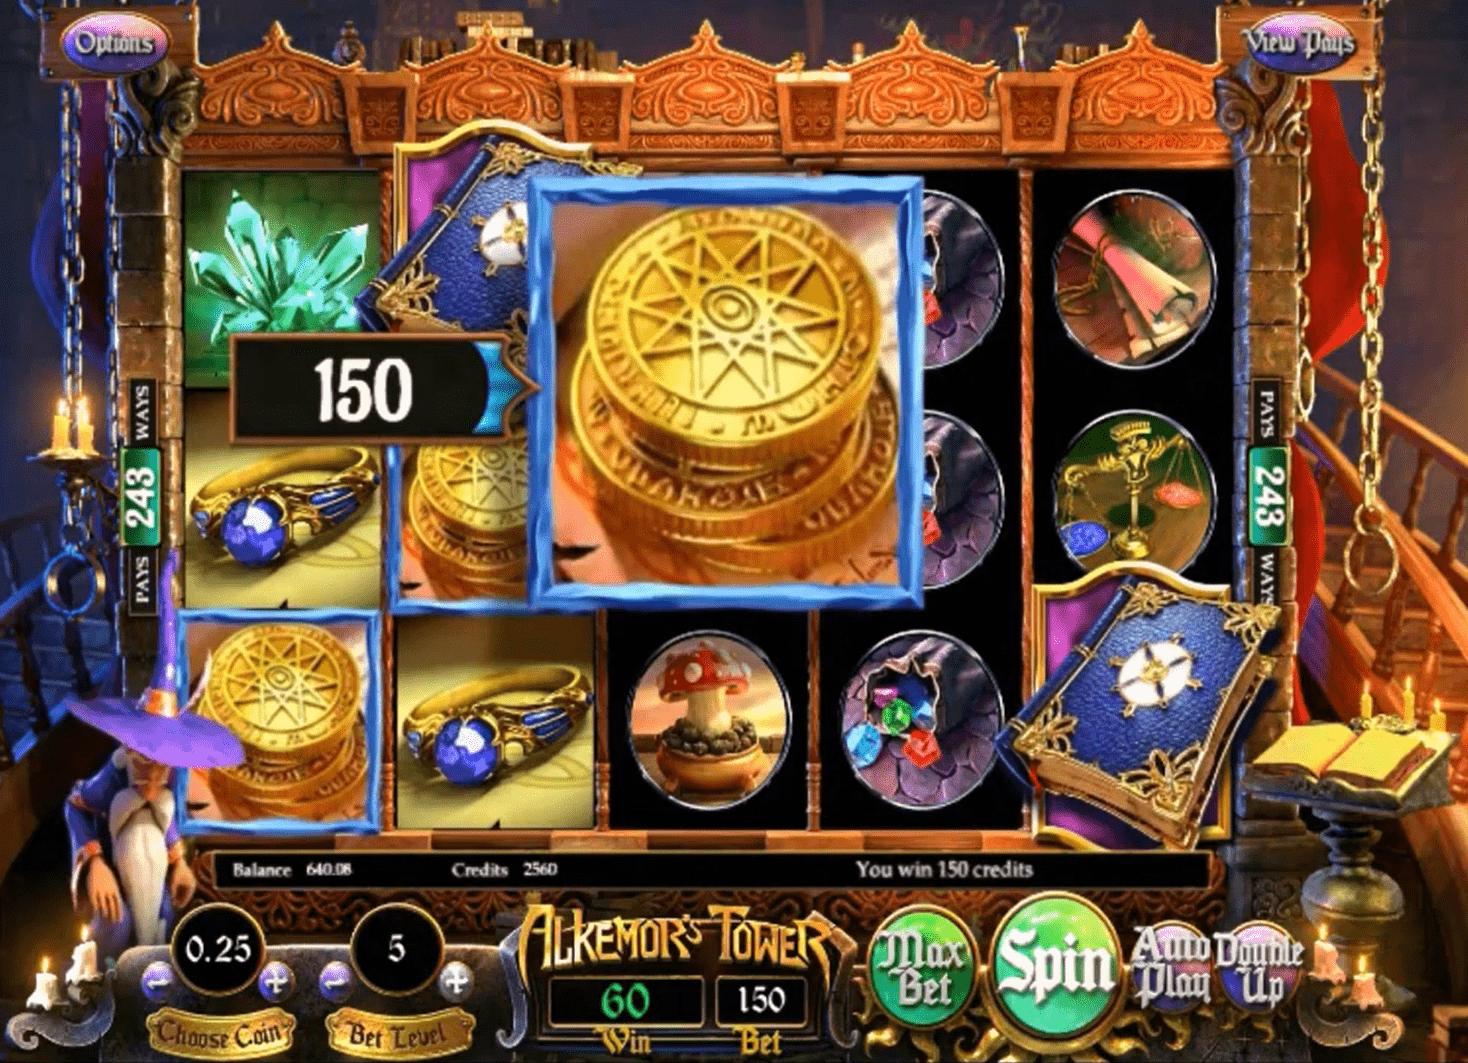 Alkemor's Tower Slot Winner